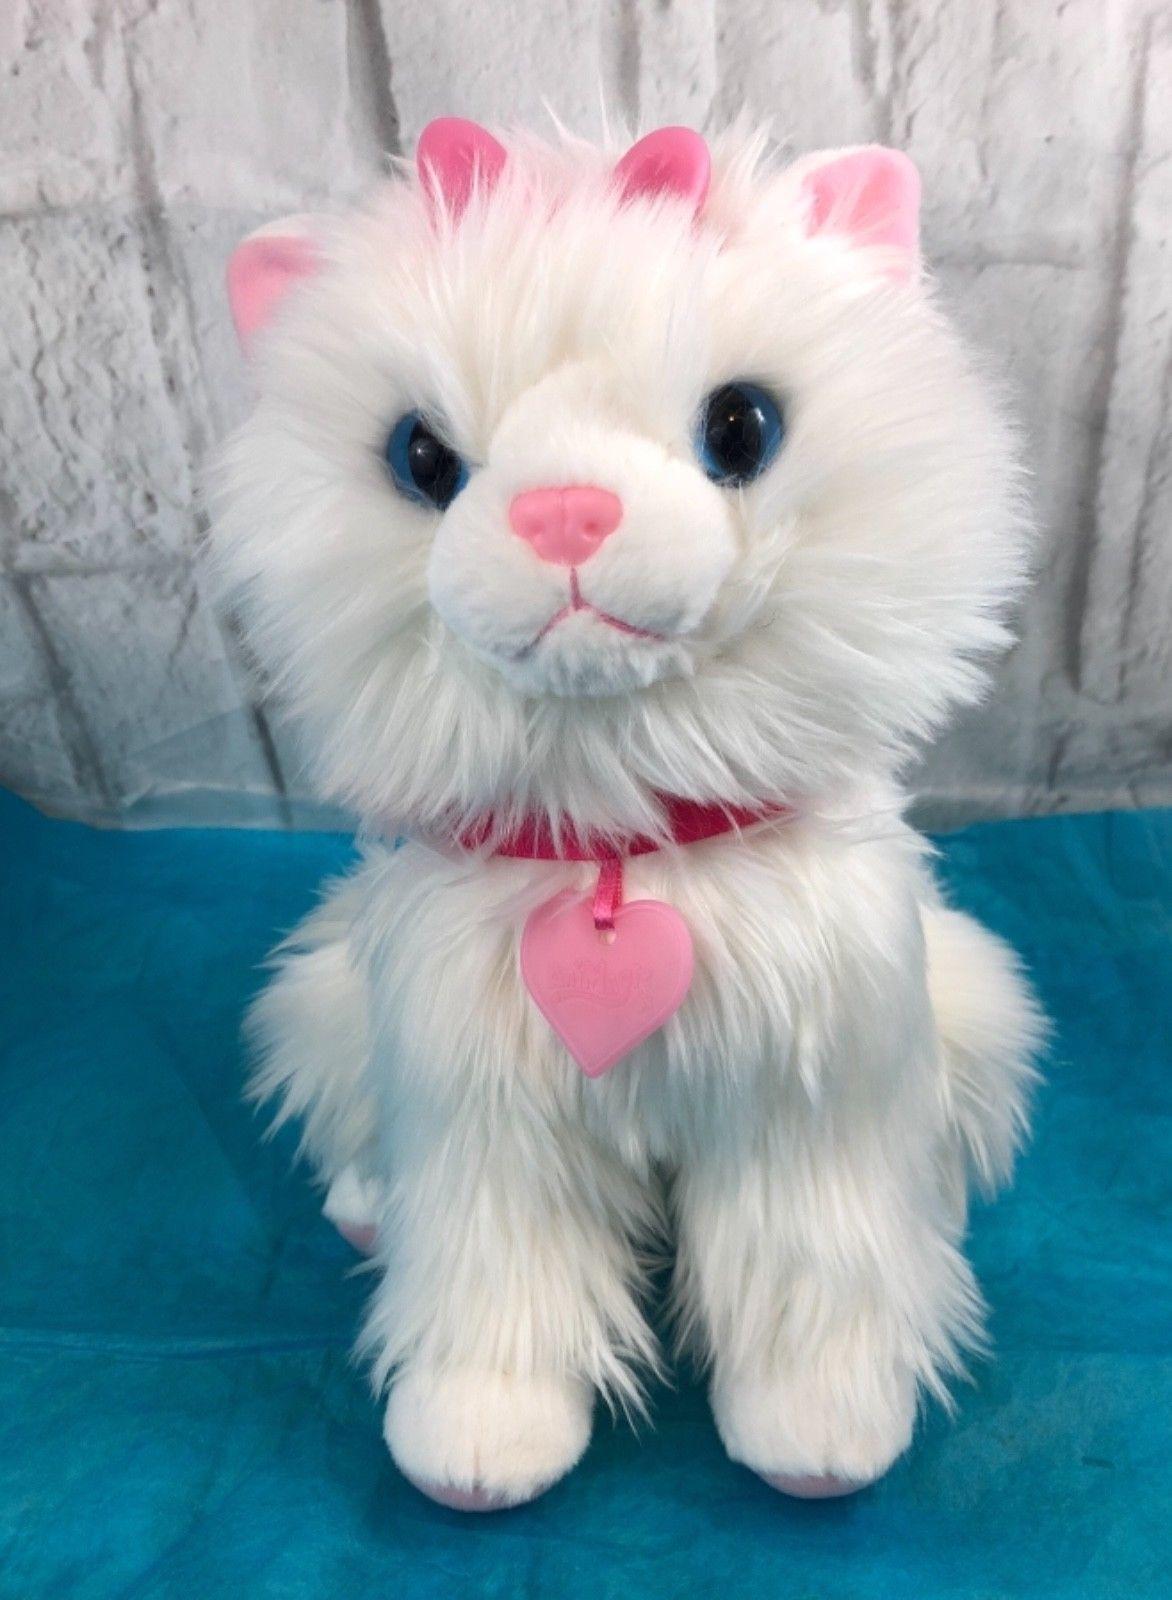 Vivid Scruffies Sparkle My Glowing Kitten Plush Animagic Kitten Gift Ebay Kittens Gifts Kitten Plush